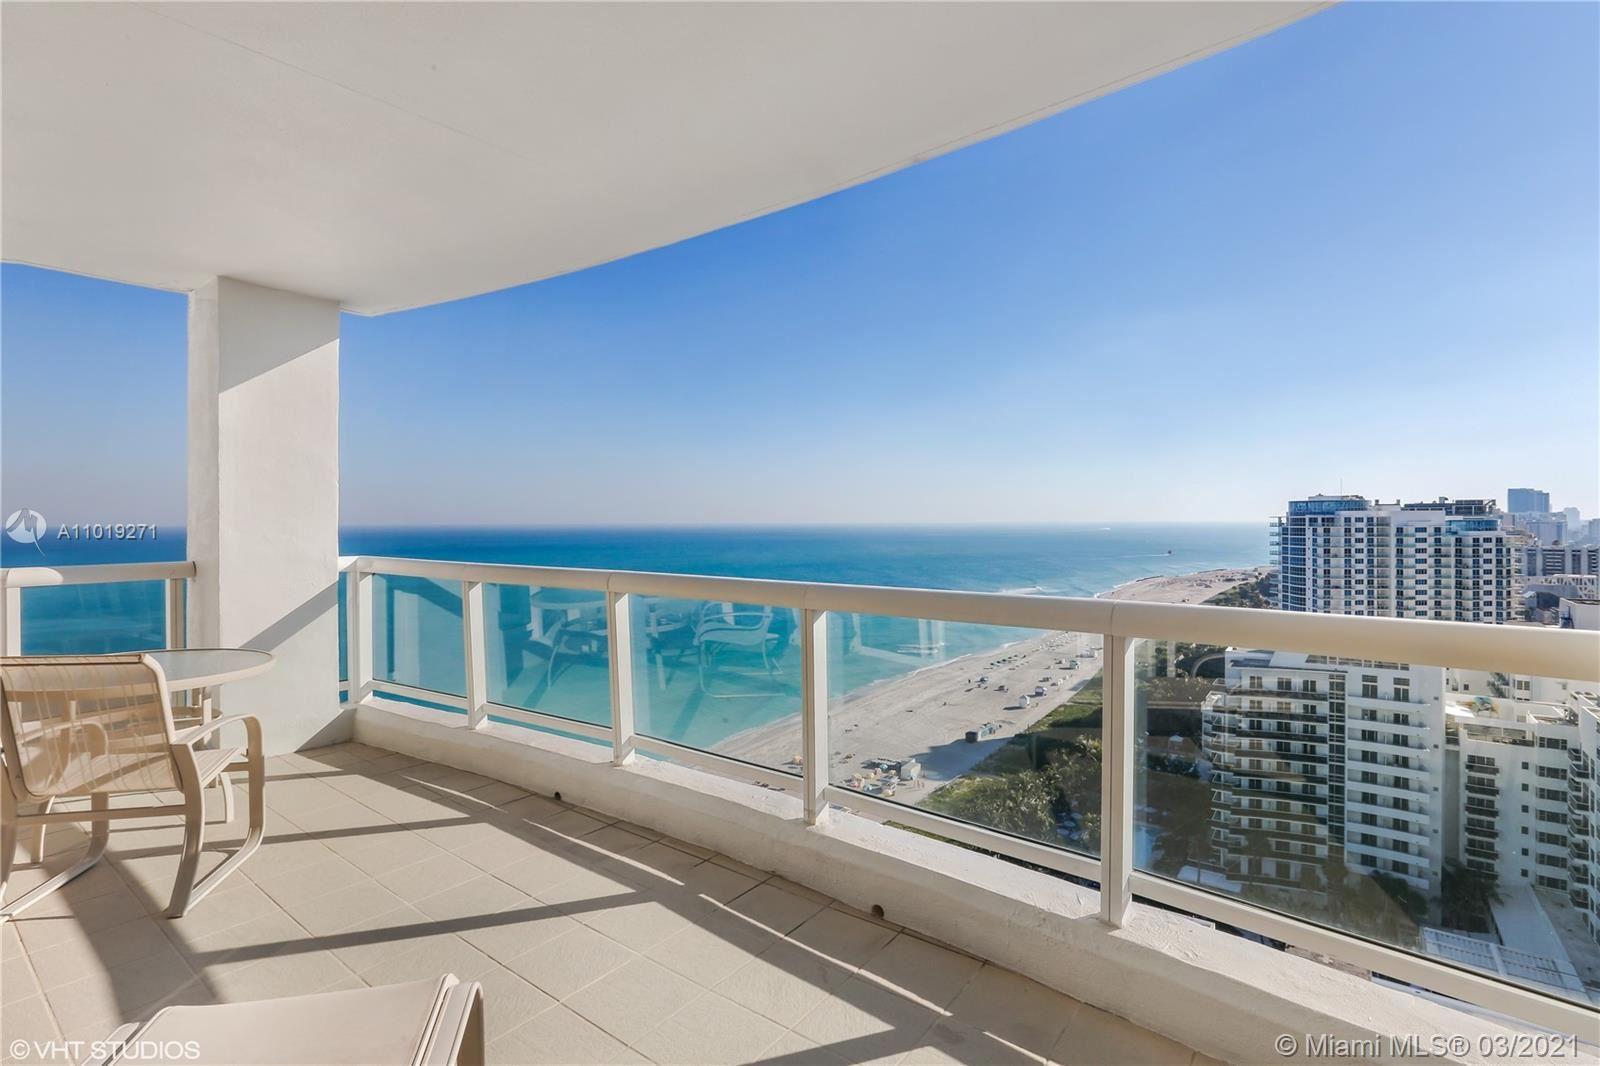 4201 Collins Ave #2101, Miami Beach, FL 33140 - #: A11019271